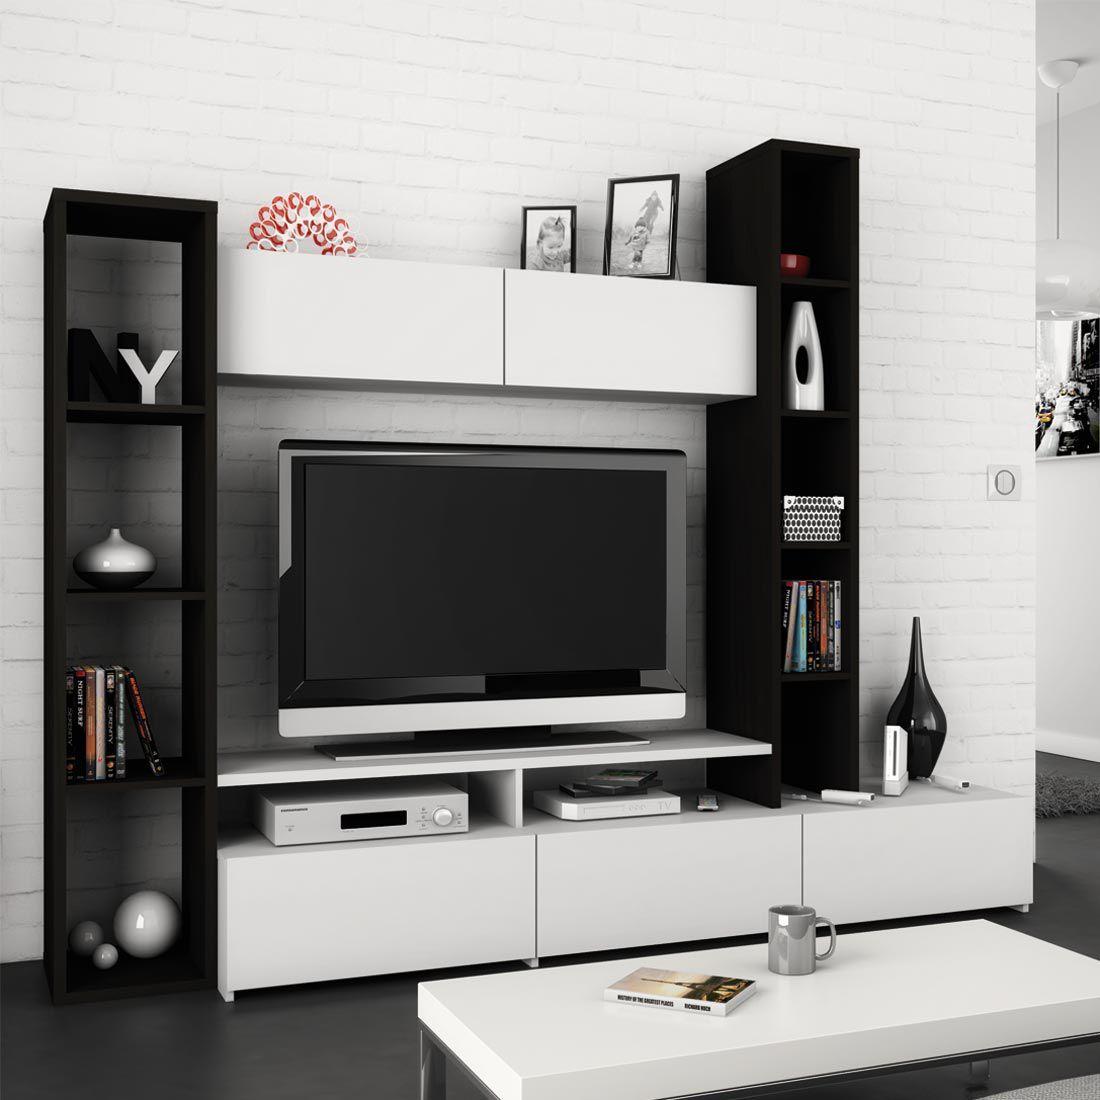 Interior design-ideen wohnzimmer mit tv wohnwand kimberly teilig  ebenholz dekor  weiß fredriks möbel